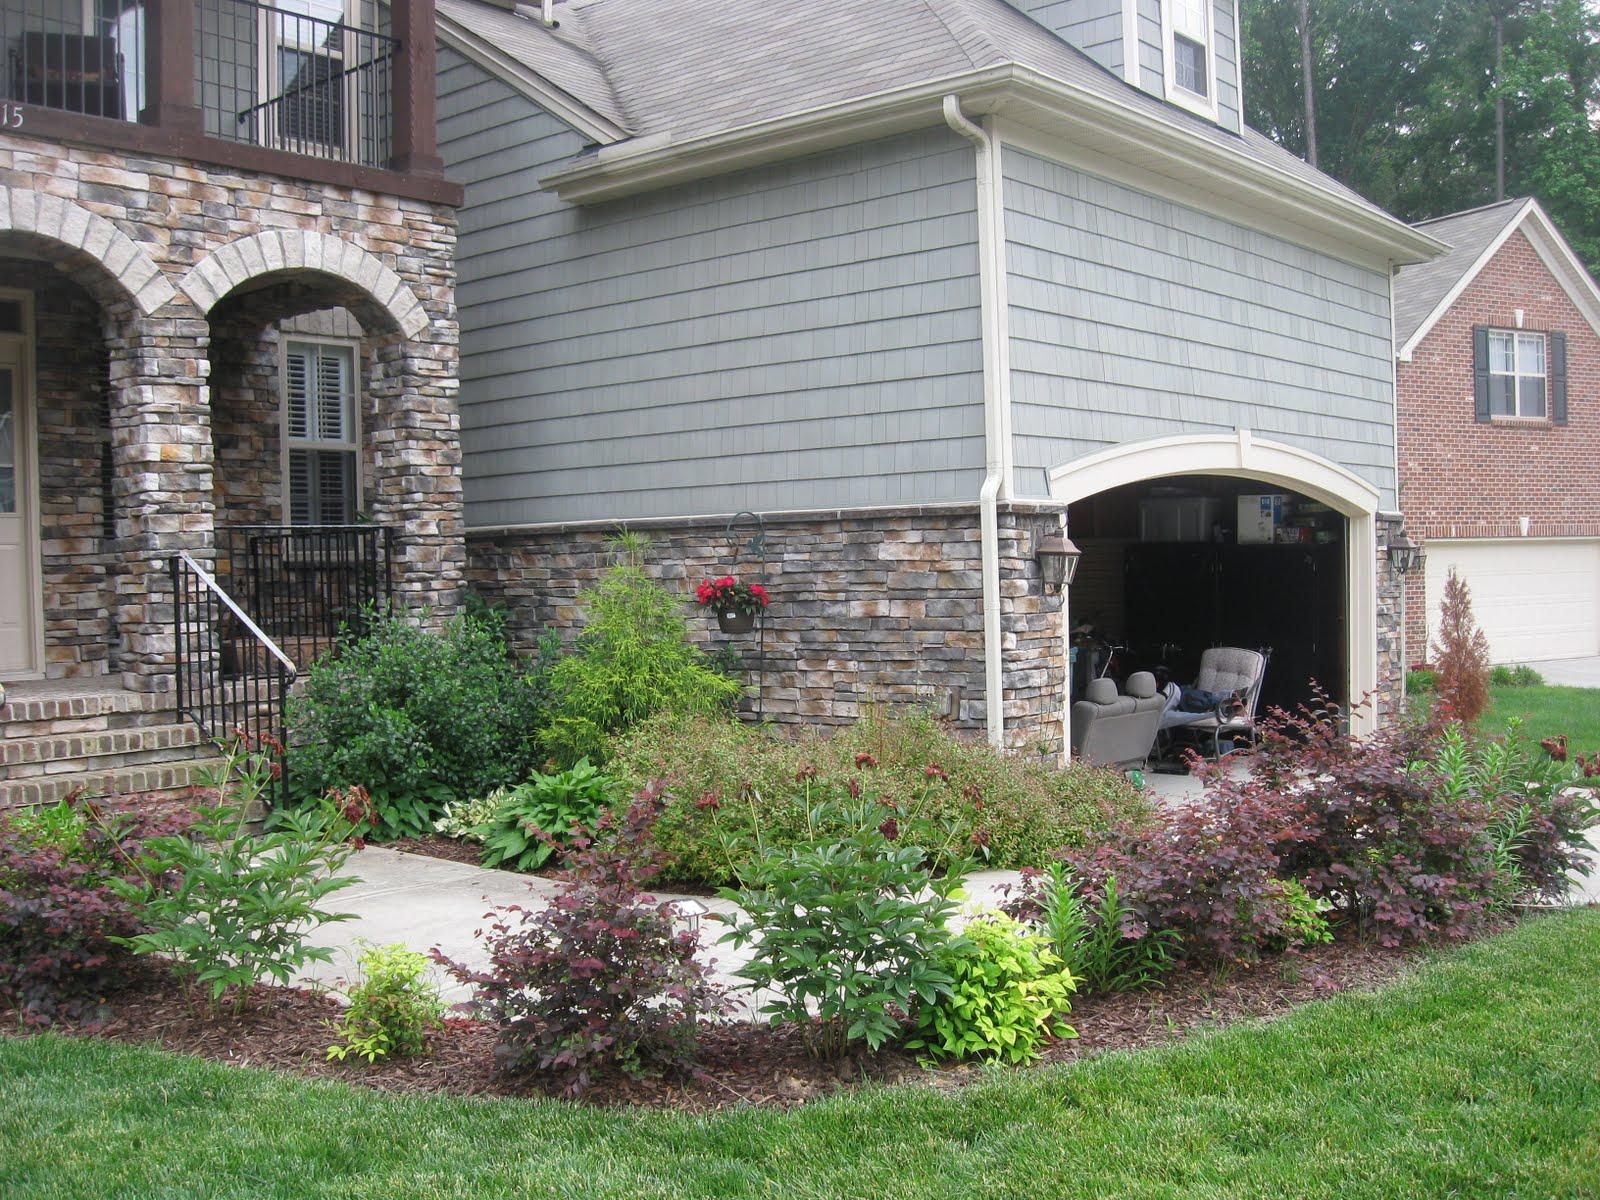 Dee's Garden: Perennials